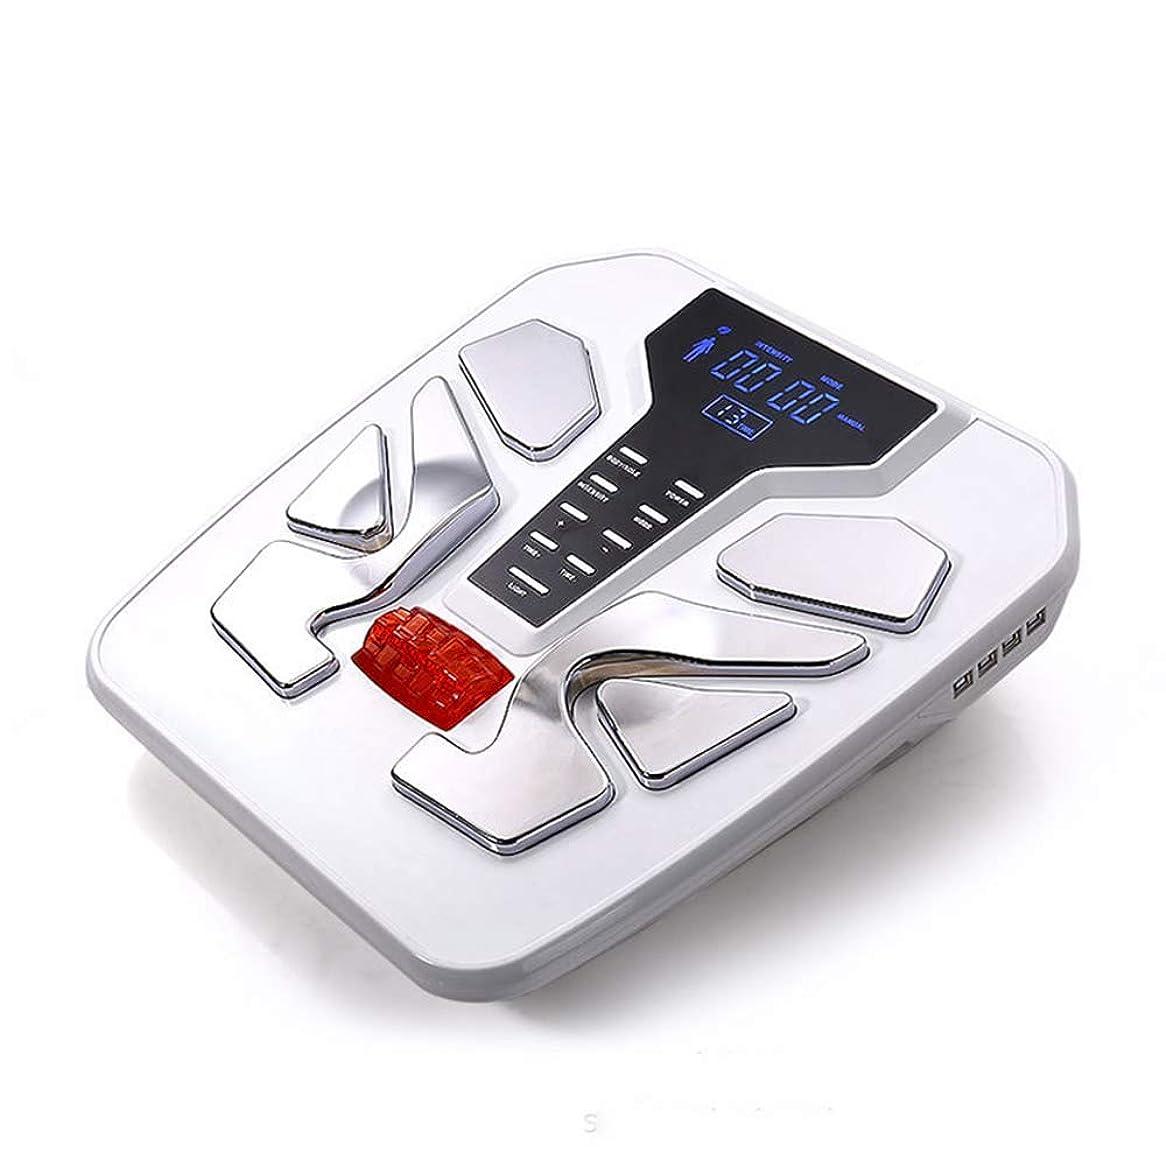 曲がった時間とともに撤回するリモコン 電気フットマッサージャー50種類のマッサージテクニック電気パルスマッサージタイミング機能ディープニーディングで足の痛みを和らげます インテリジェント, White